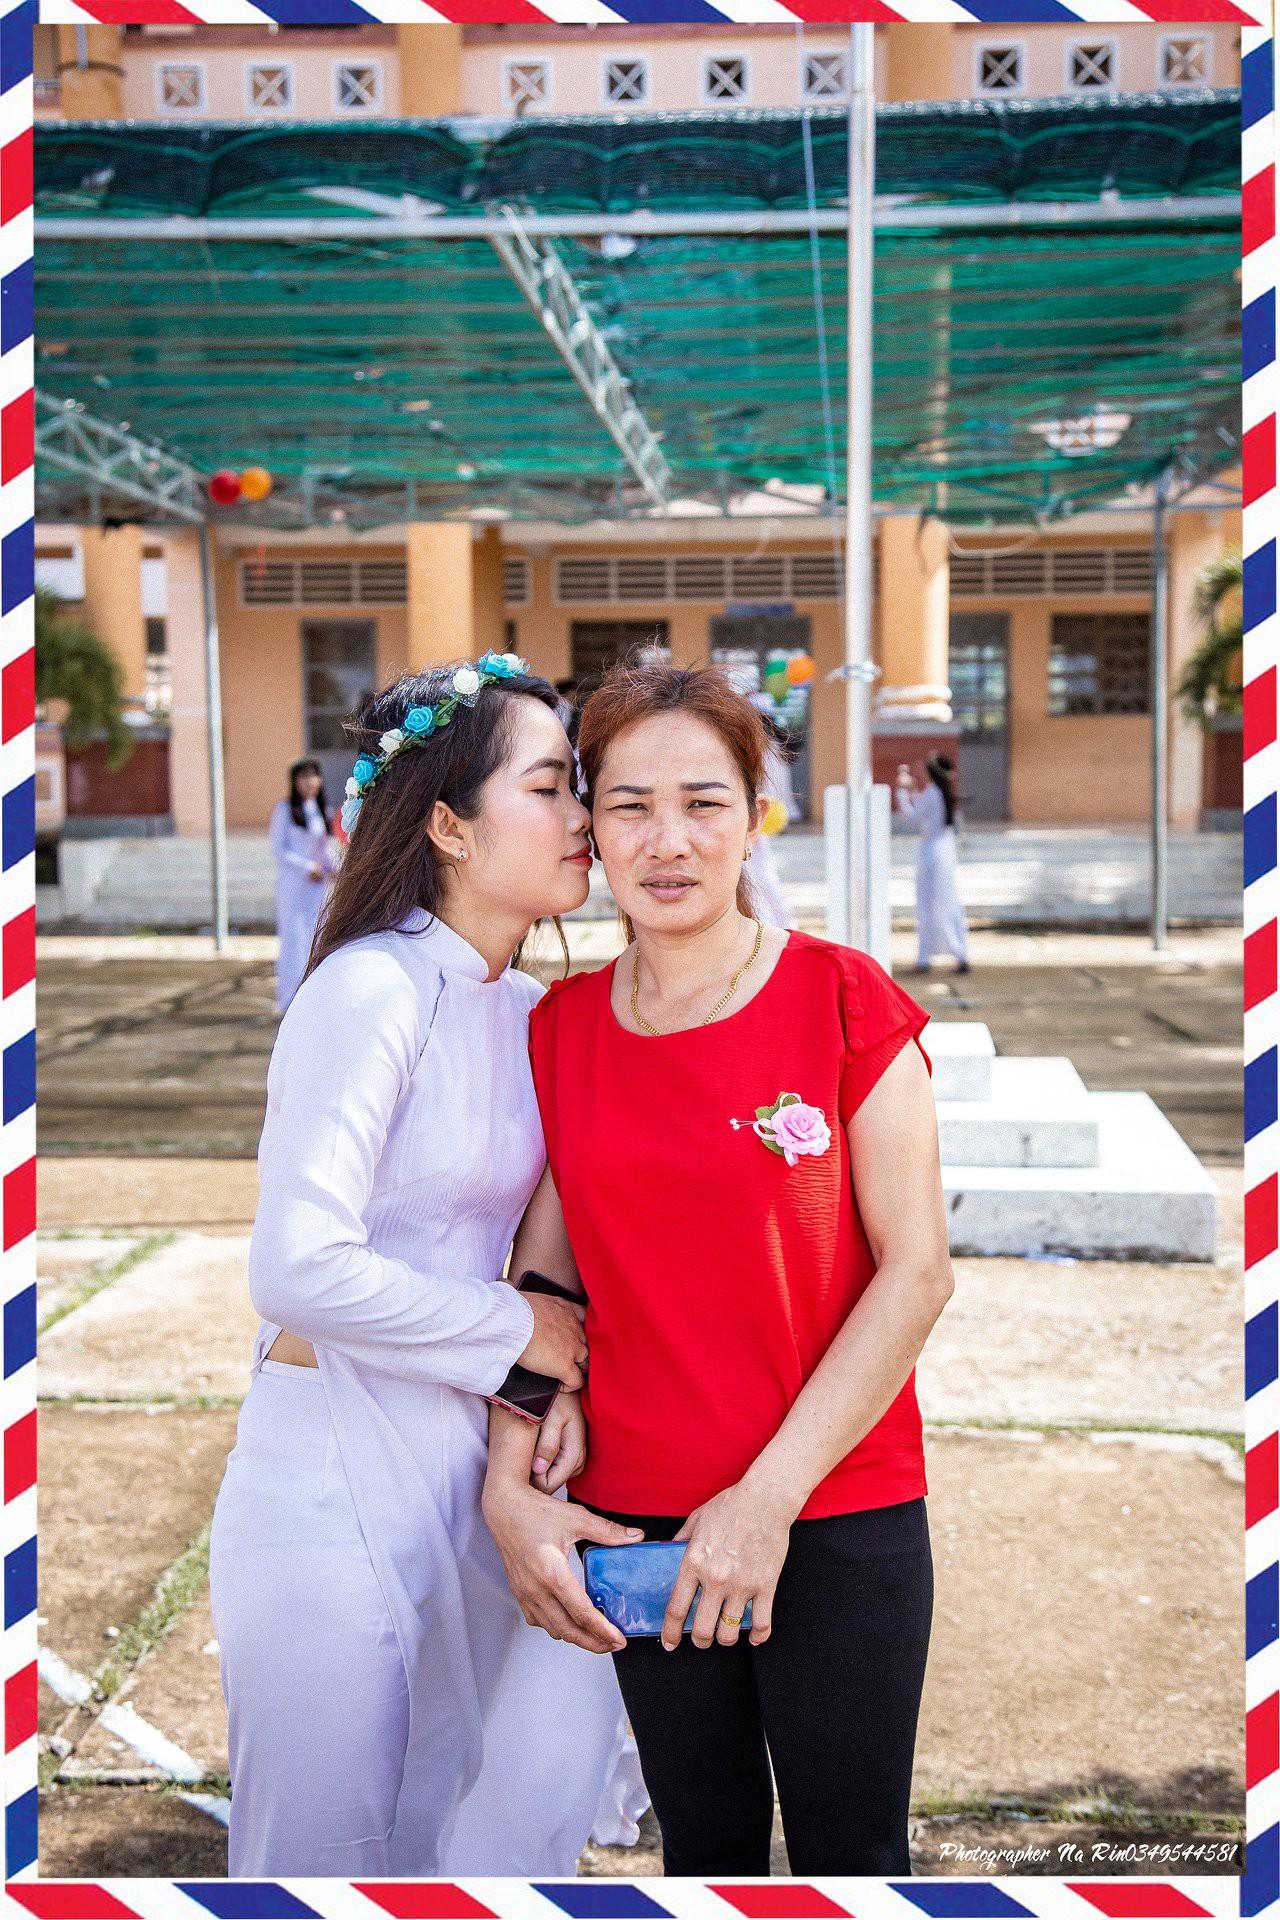 Hôn bố mẹ trong lễ tri ân, bộ ảnh đơn giản mà ý nghĩa của học sinh lớp 12 khiến nhiều người nghẹn ngào - Ảnh 4.